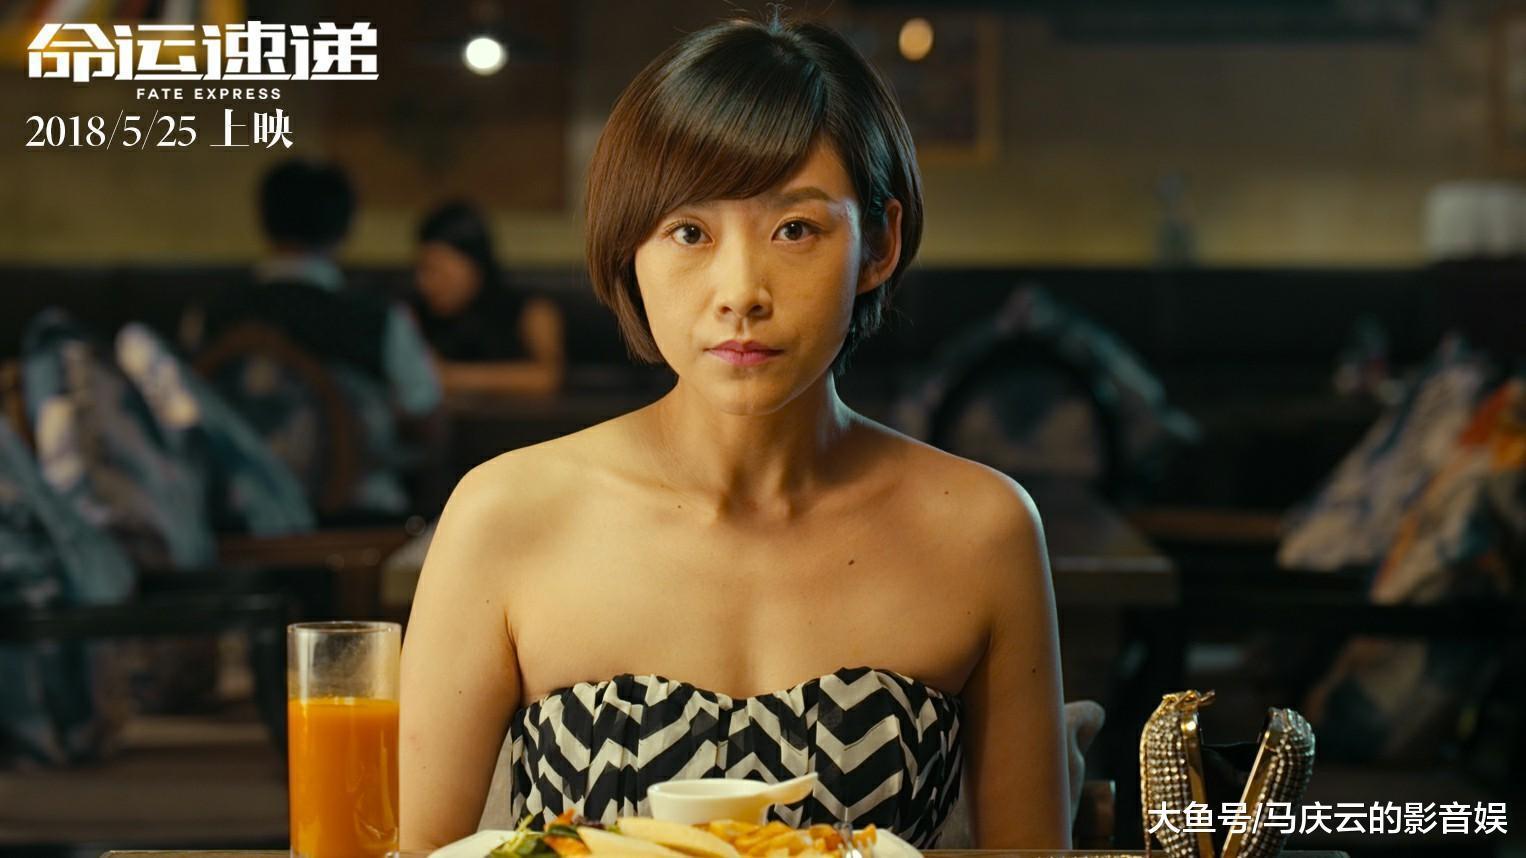 本周星战电影不给力, 姜文竟然推荐了一部聚焦女演员的获奖片